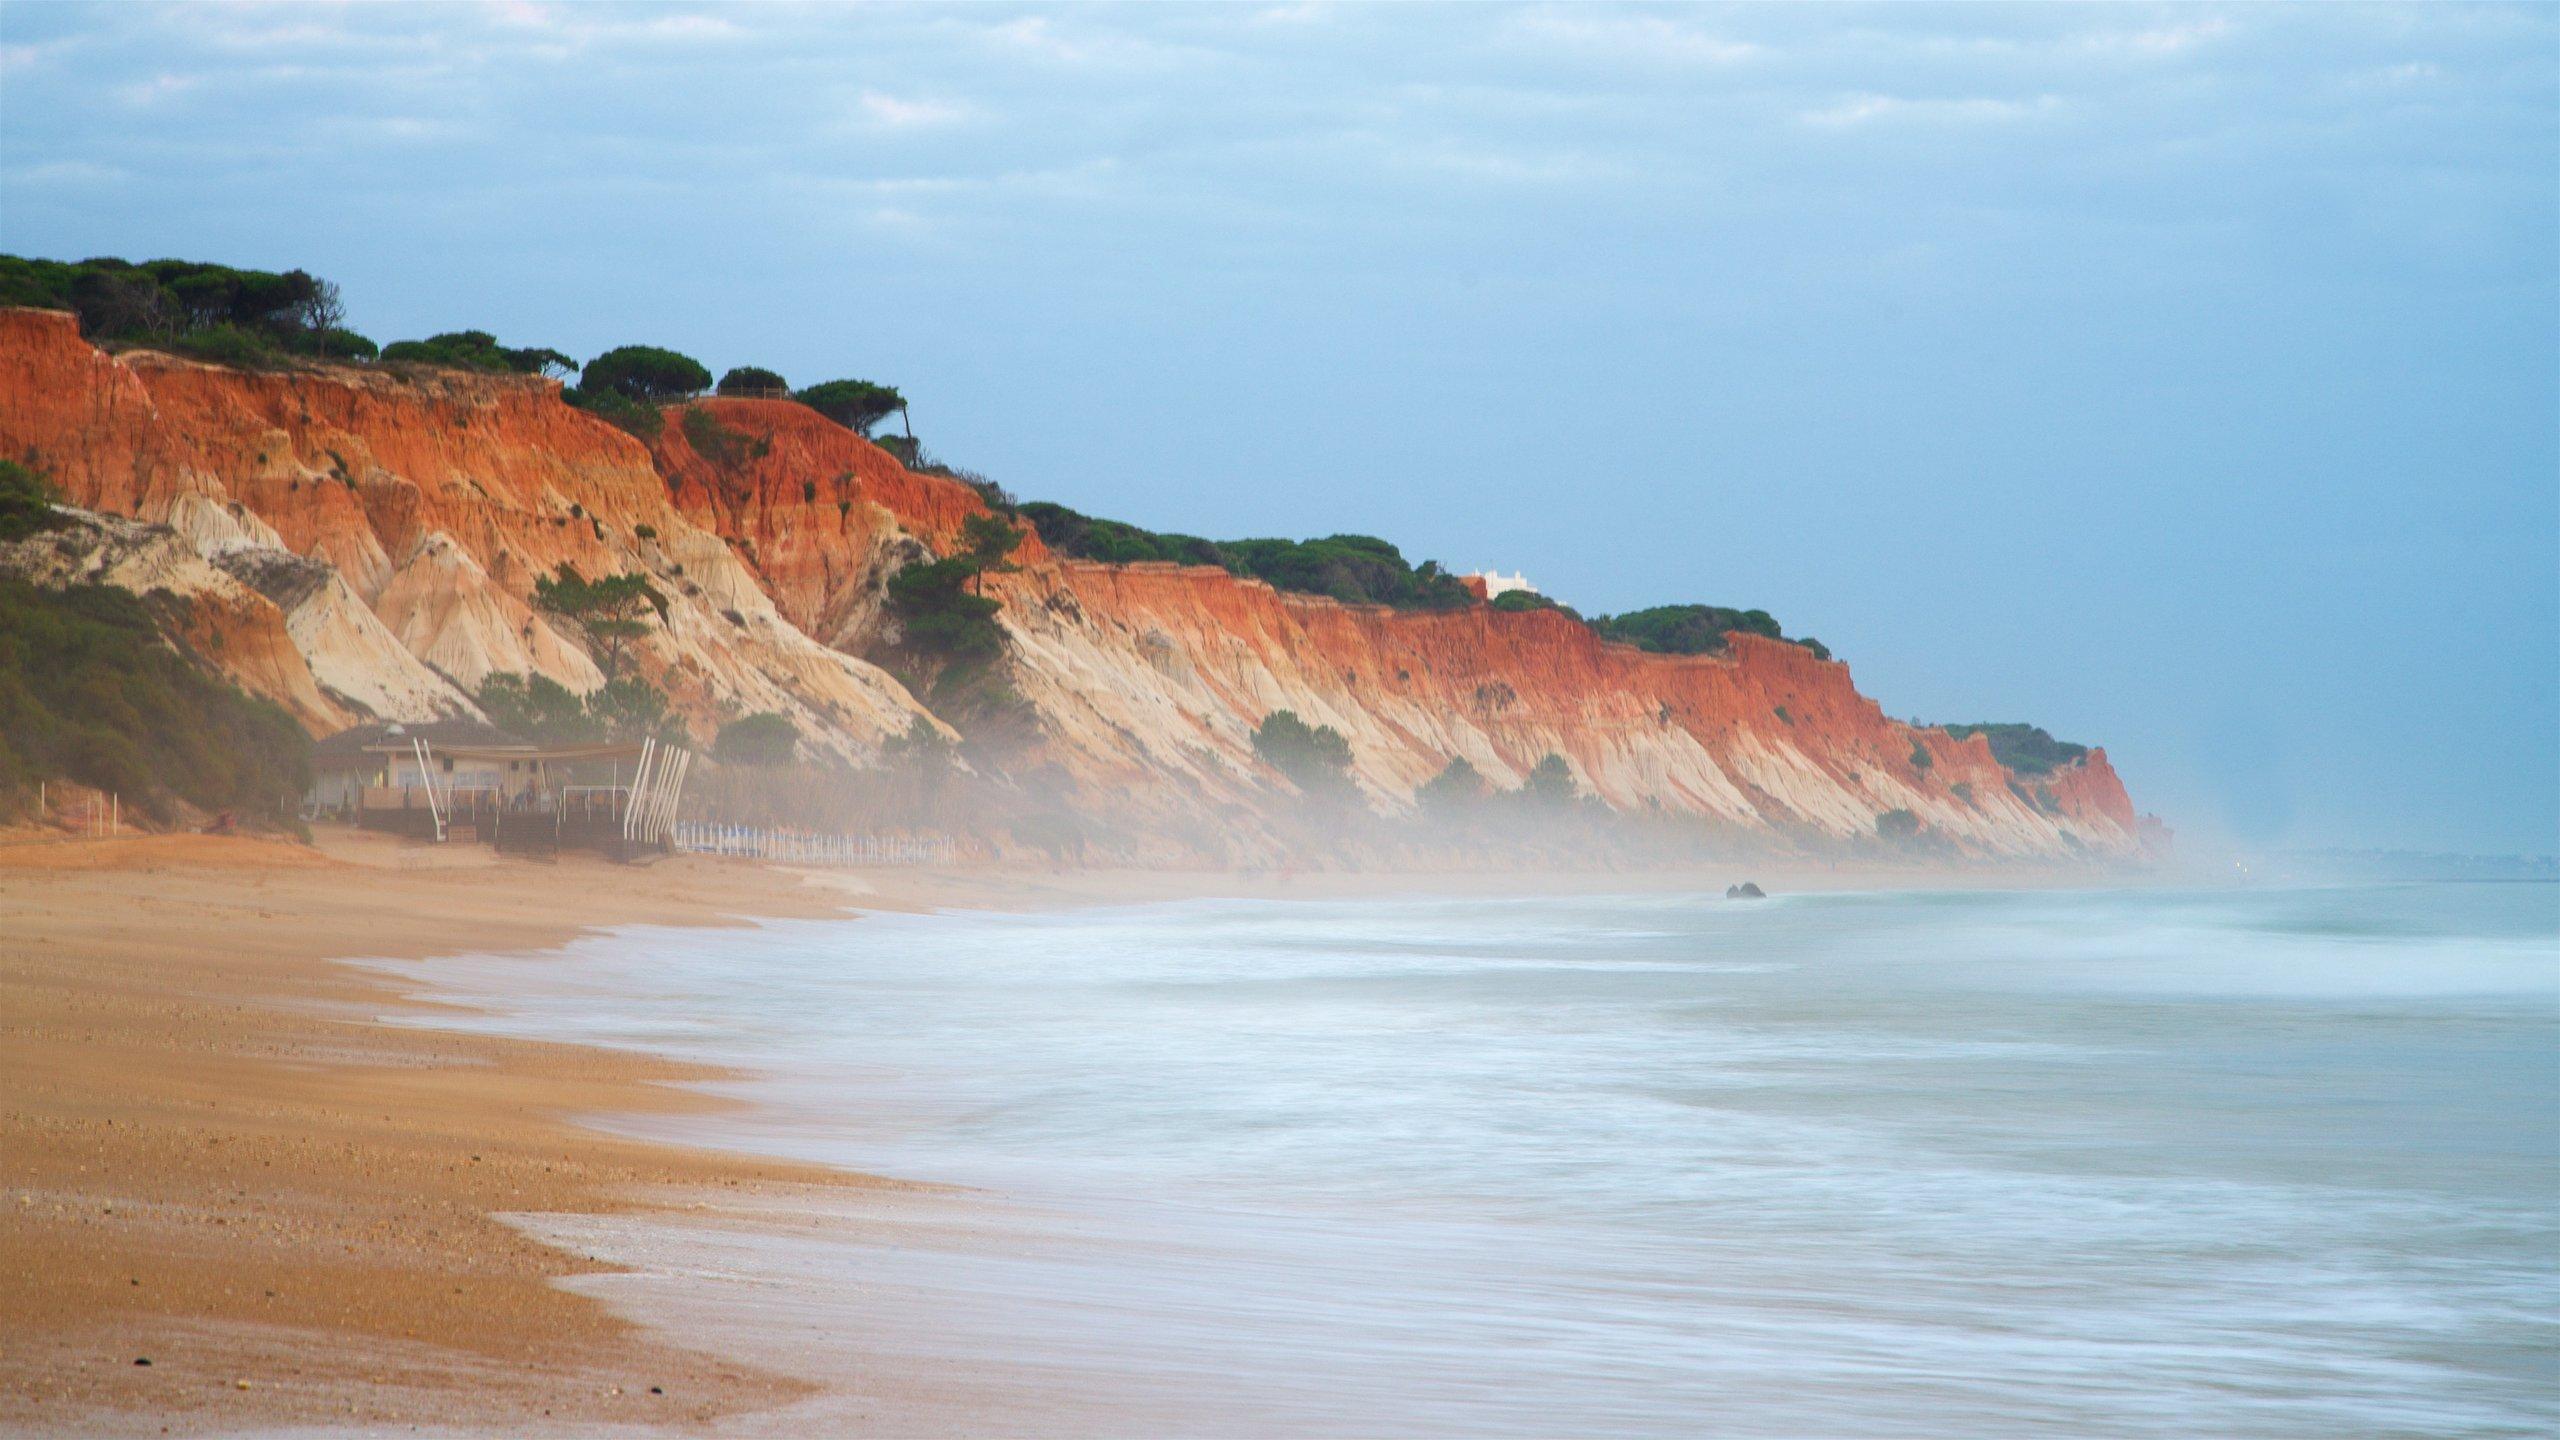 Aldeia das Açoteias, Albufeira, Bezirk Faro, Portugal